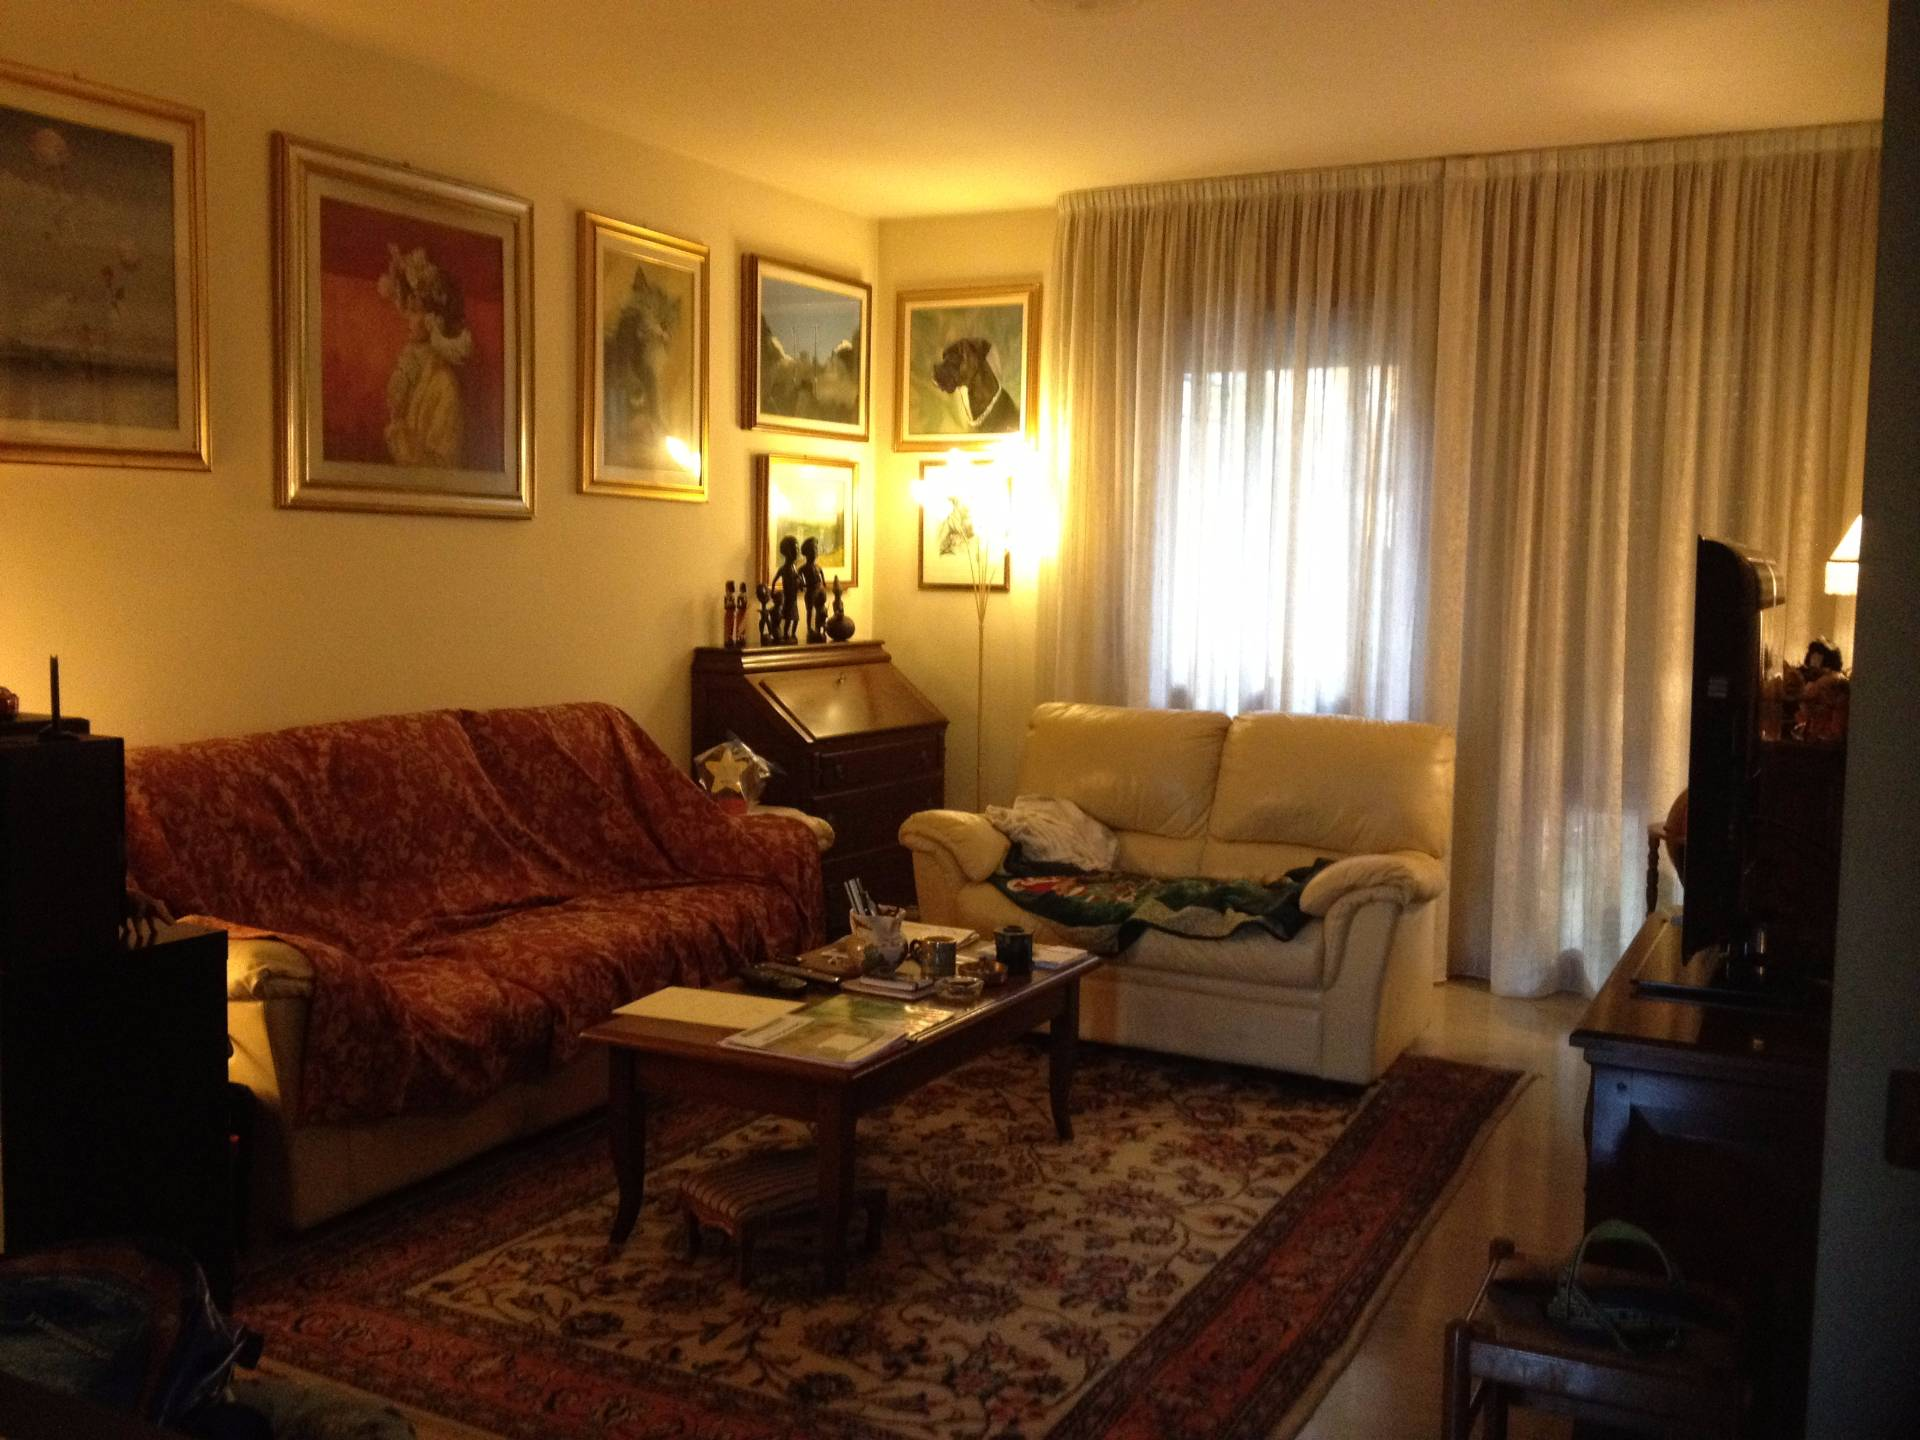 Appartamento in vendita a Quinto di Treviso, 5 locali, zona Località: Quinto, prezzo € 150.000 | Cambio Casa.it